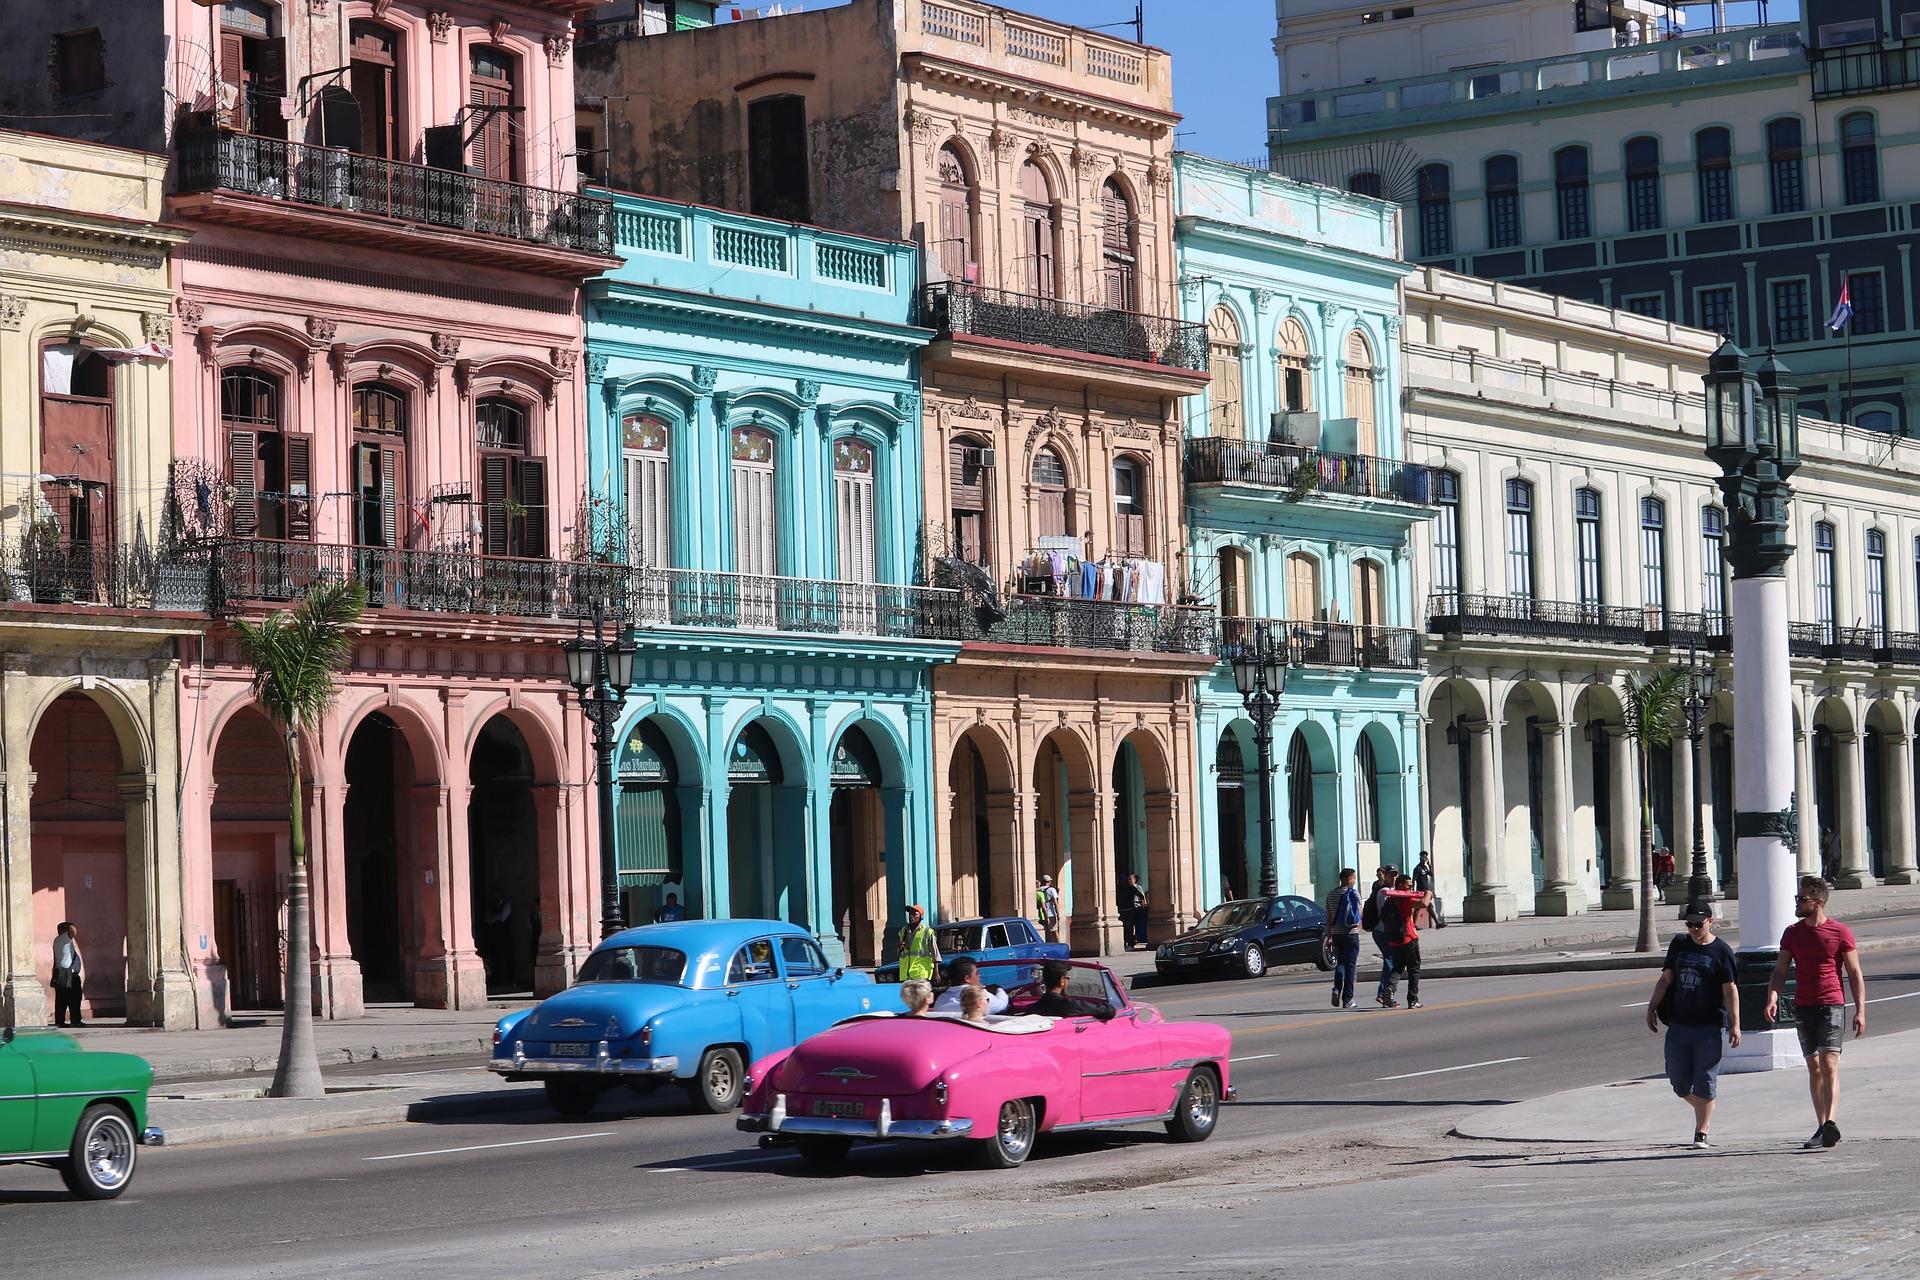 A view of a street in Havana, Cuba.